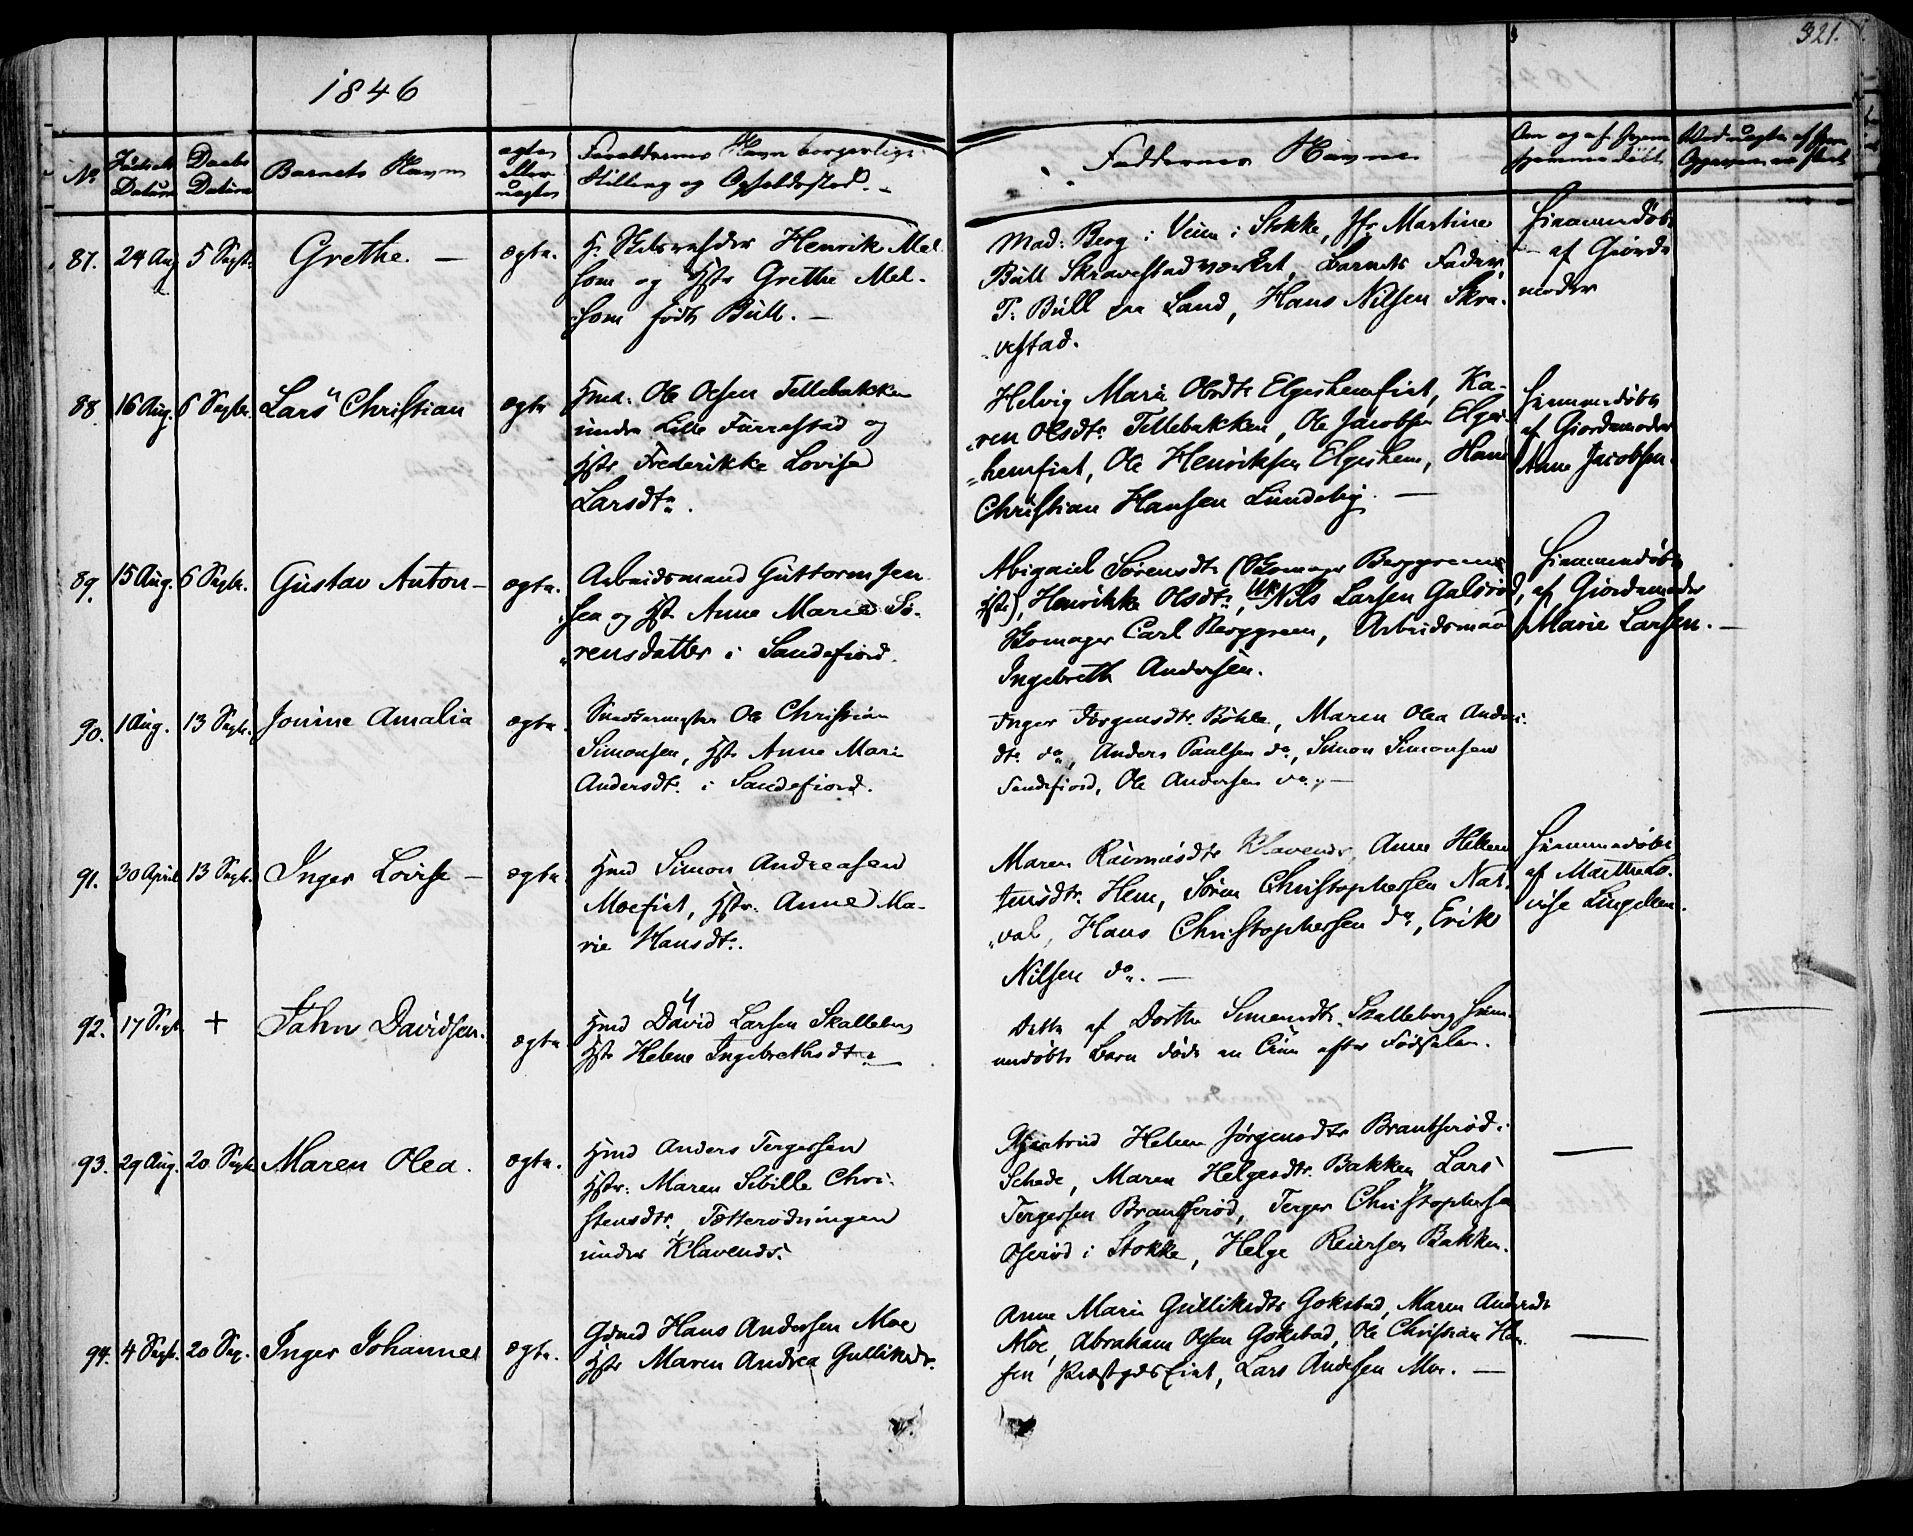 SAKO, Sandar kirkebøker, F/Fa/L0005: Ministerialbok nr. 5, 1832-1847, s. 320-321